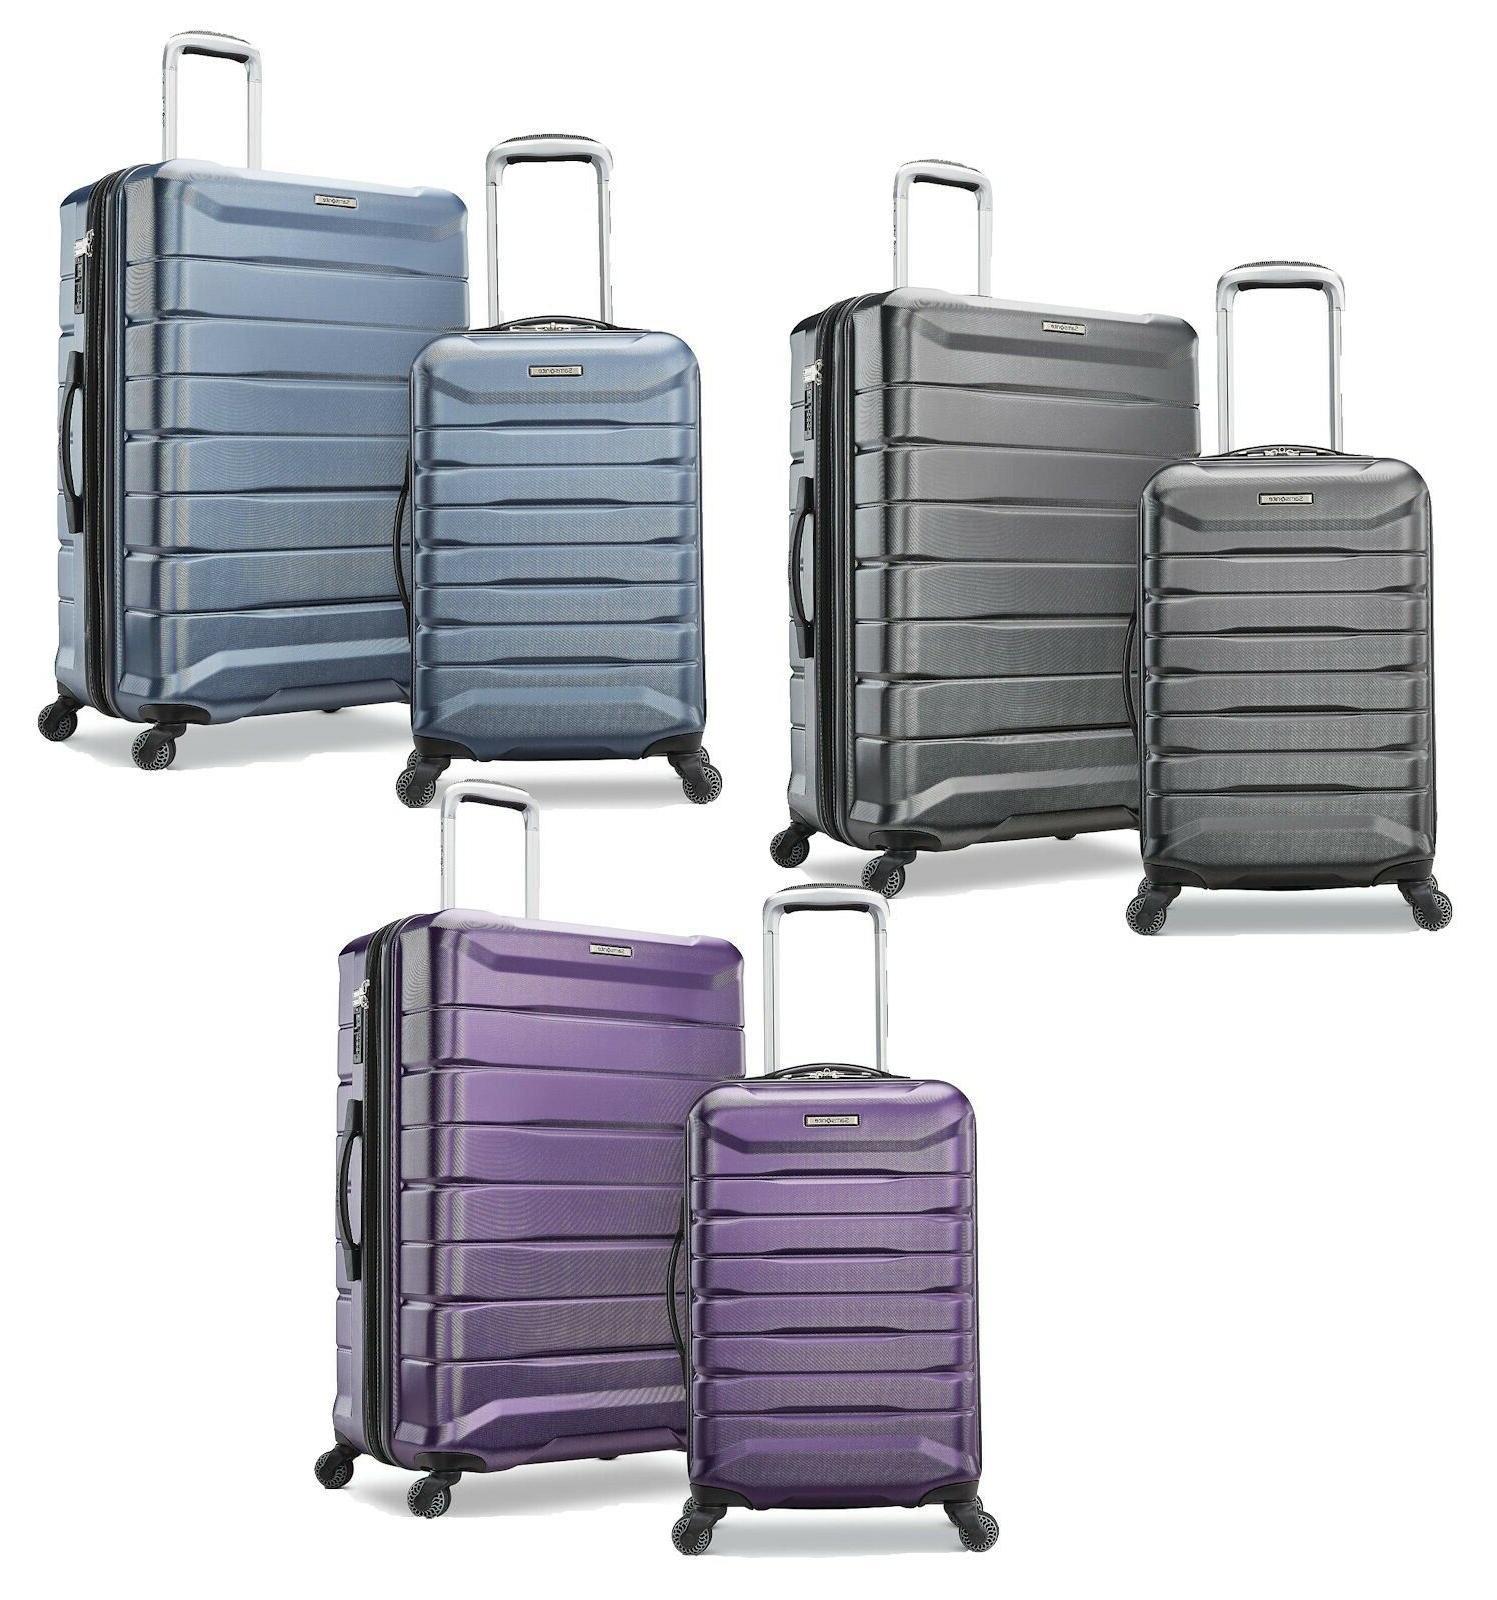 2 pc hard side luggage set 4